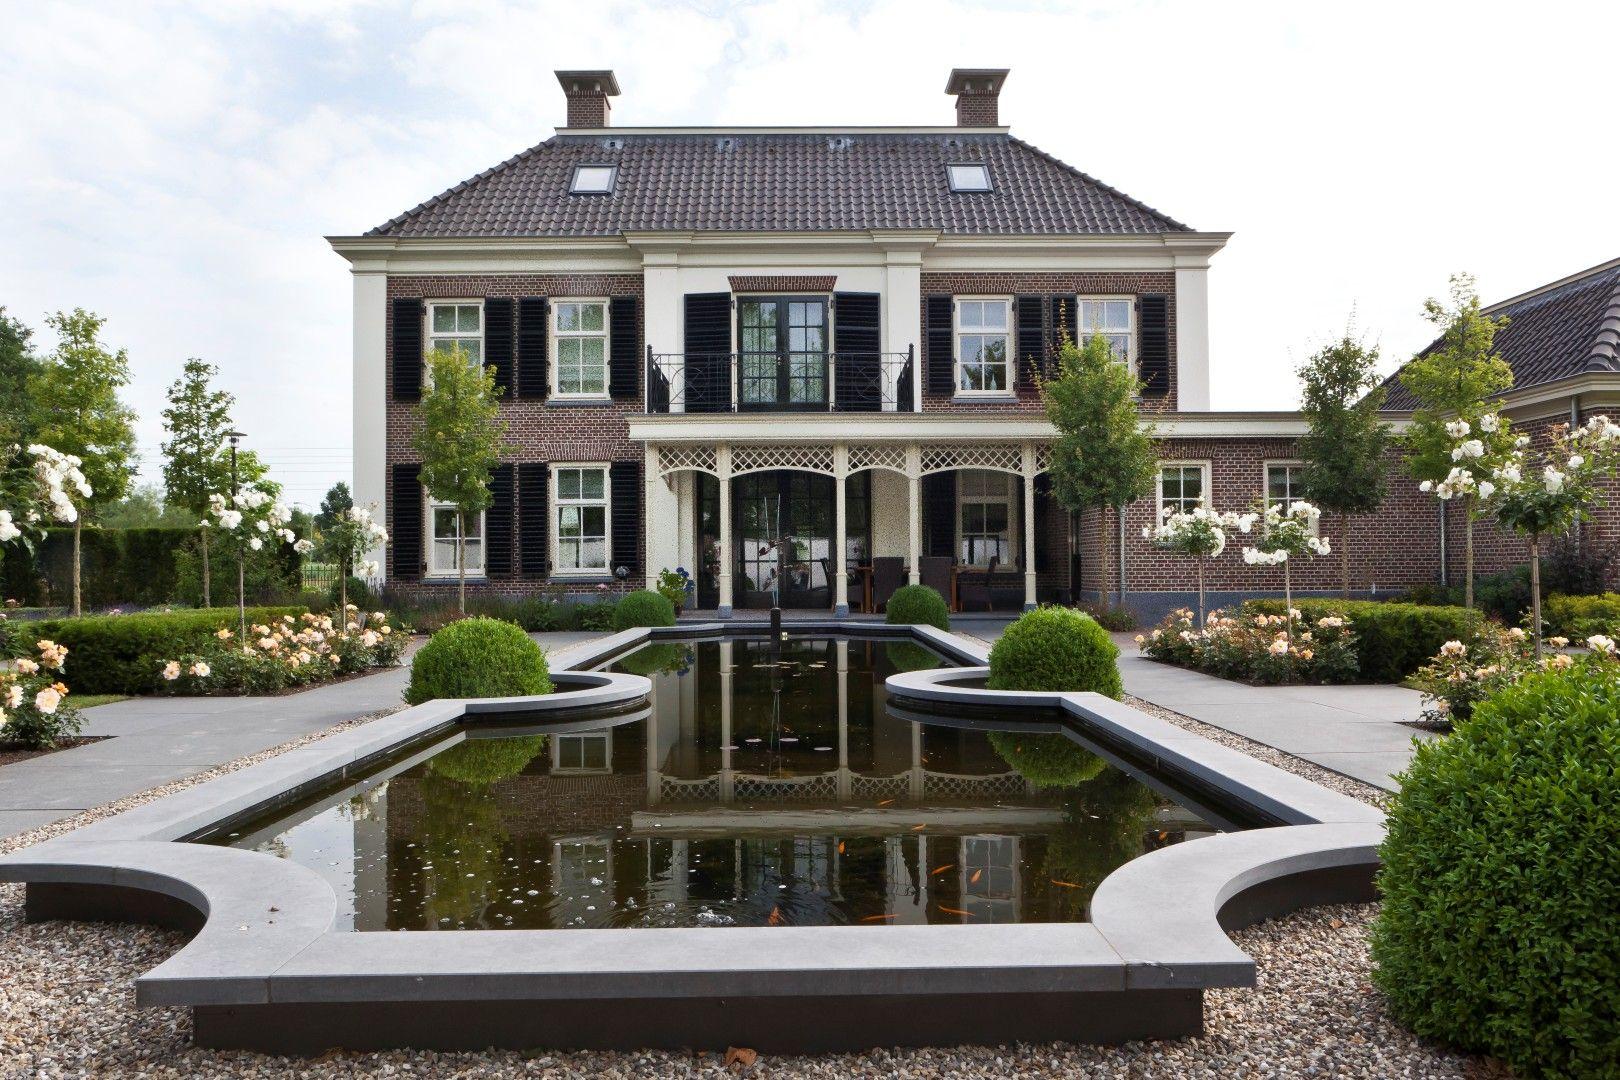 Exclusieve tuin vrijstaande woning uiteraard huis ontwerp friso